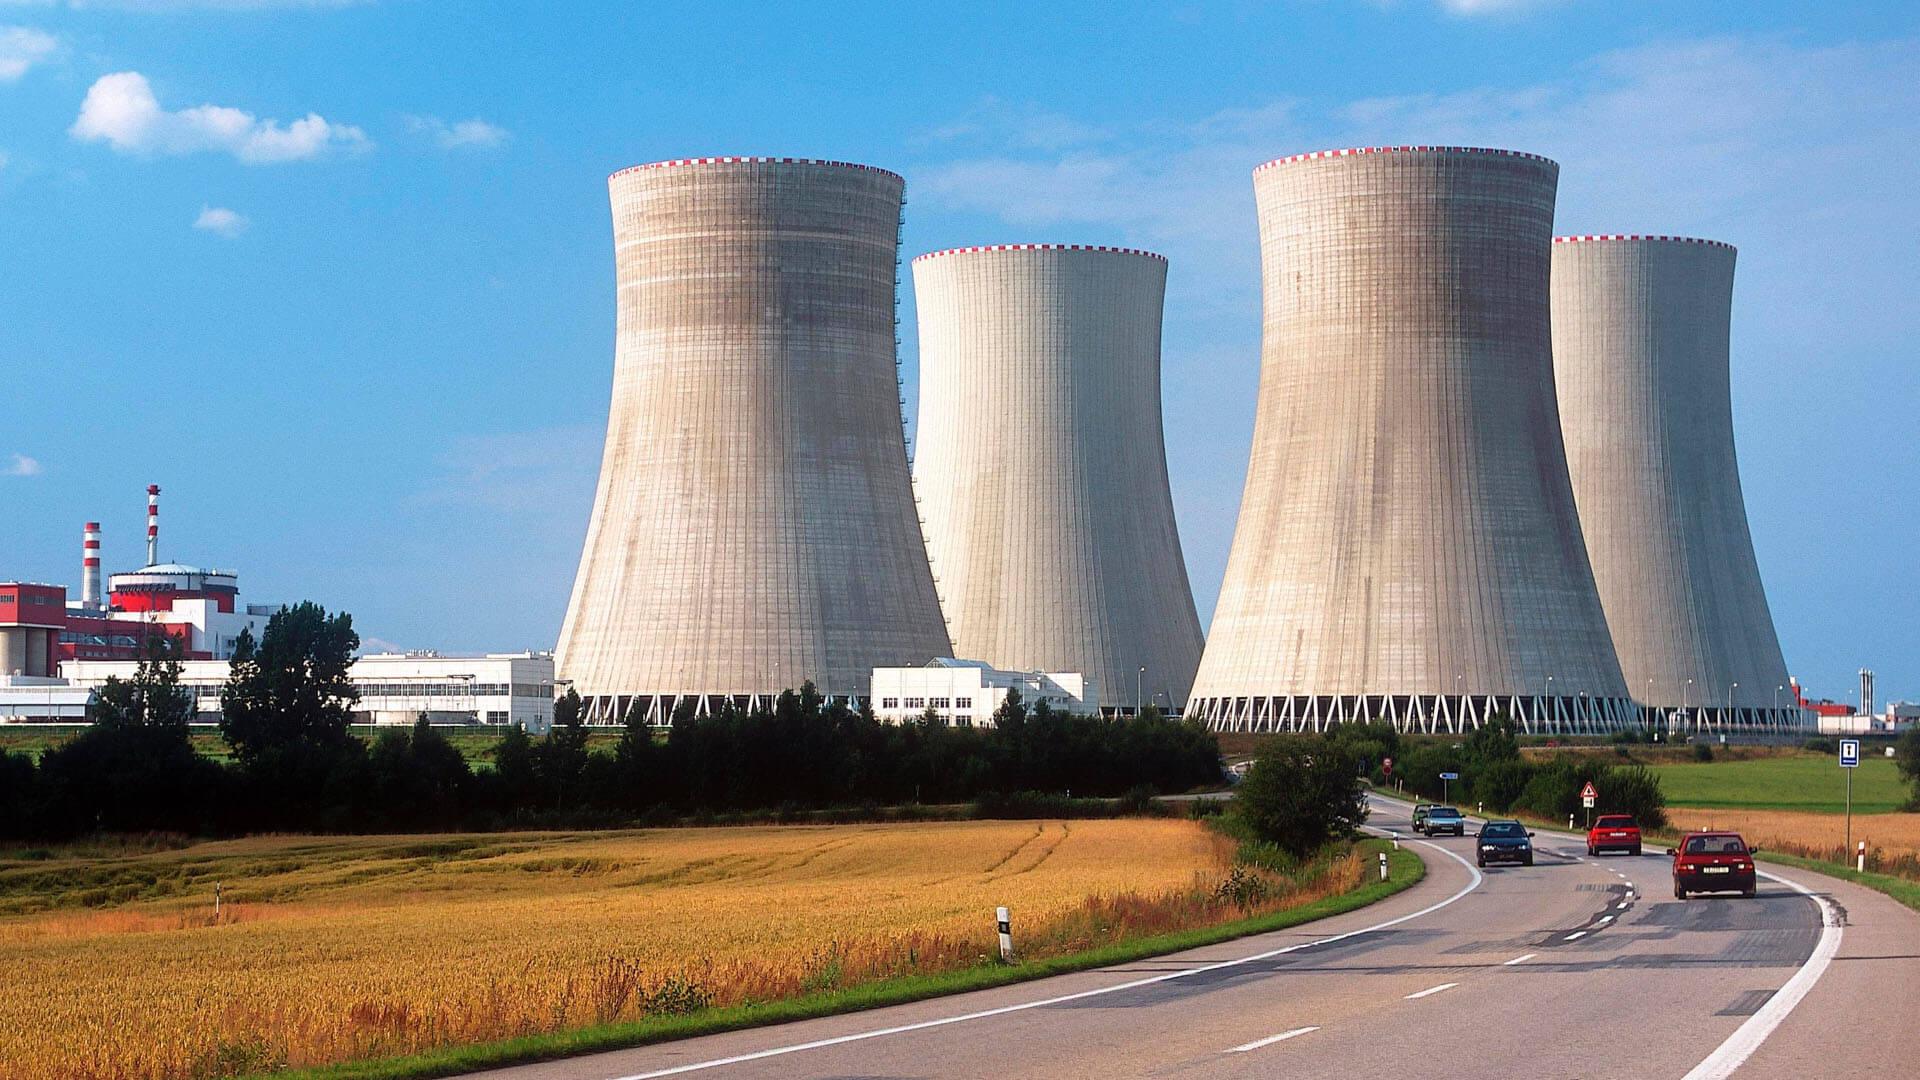 Perché non parliamo più di energia nucleare